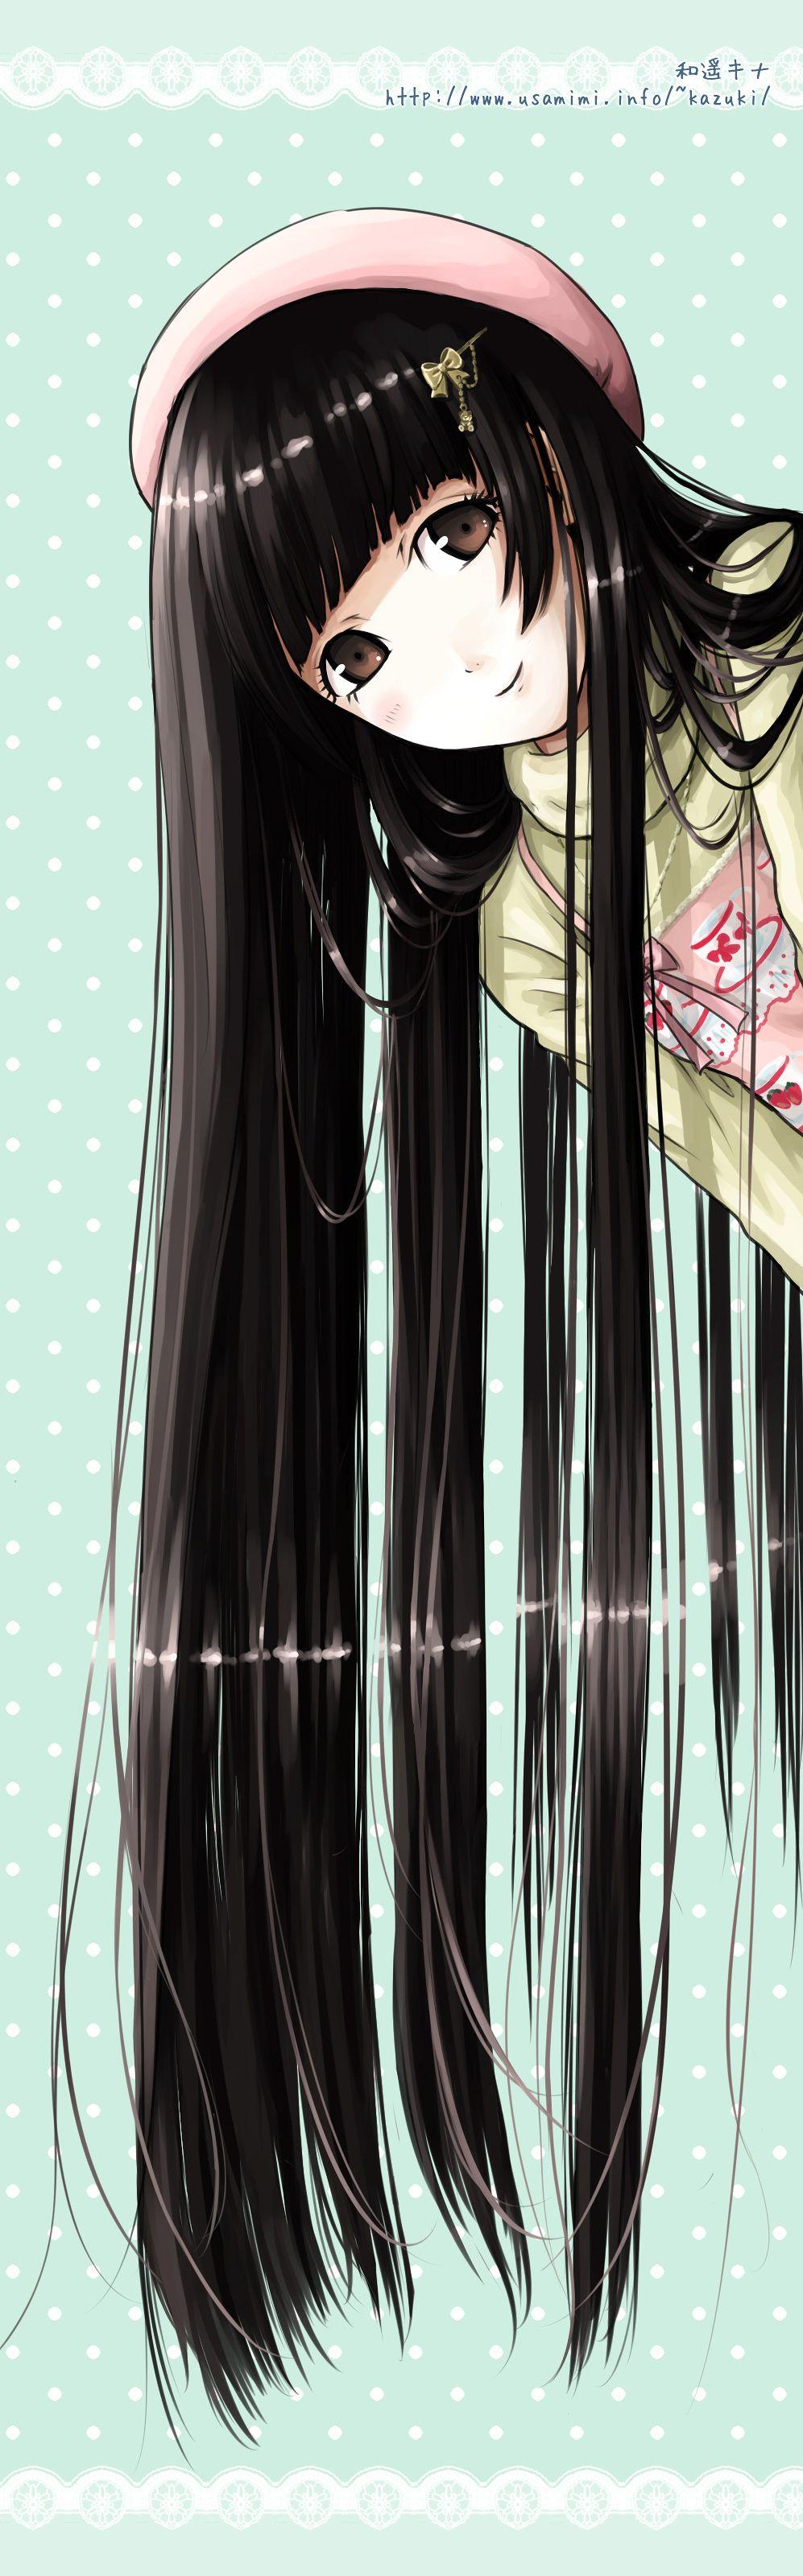 Anime Girl Straight Hair